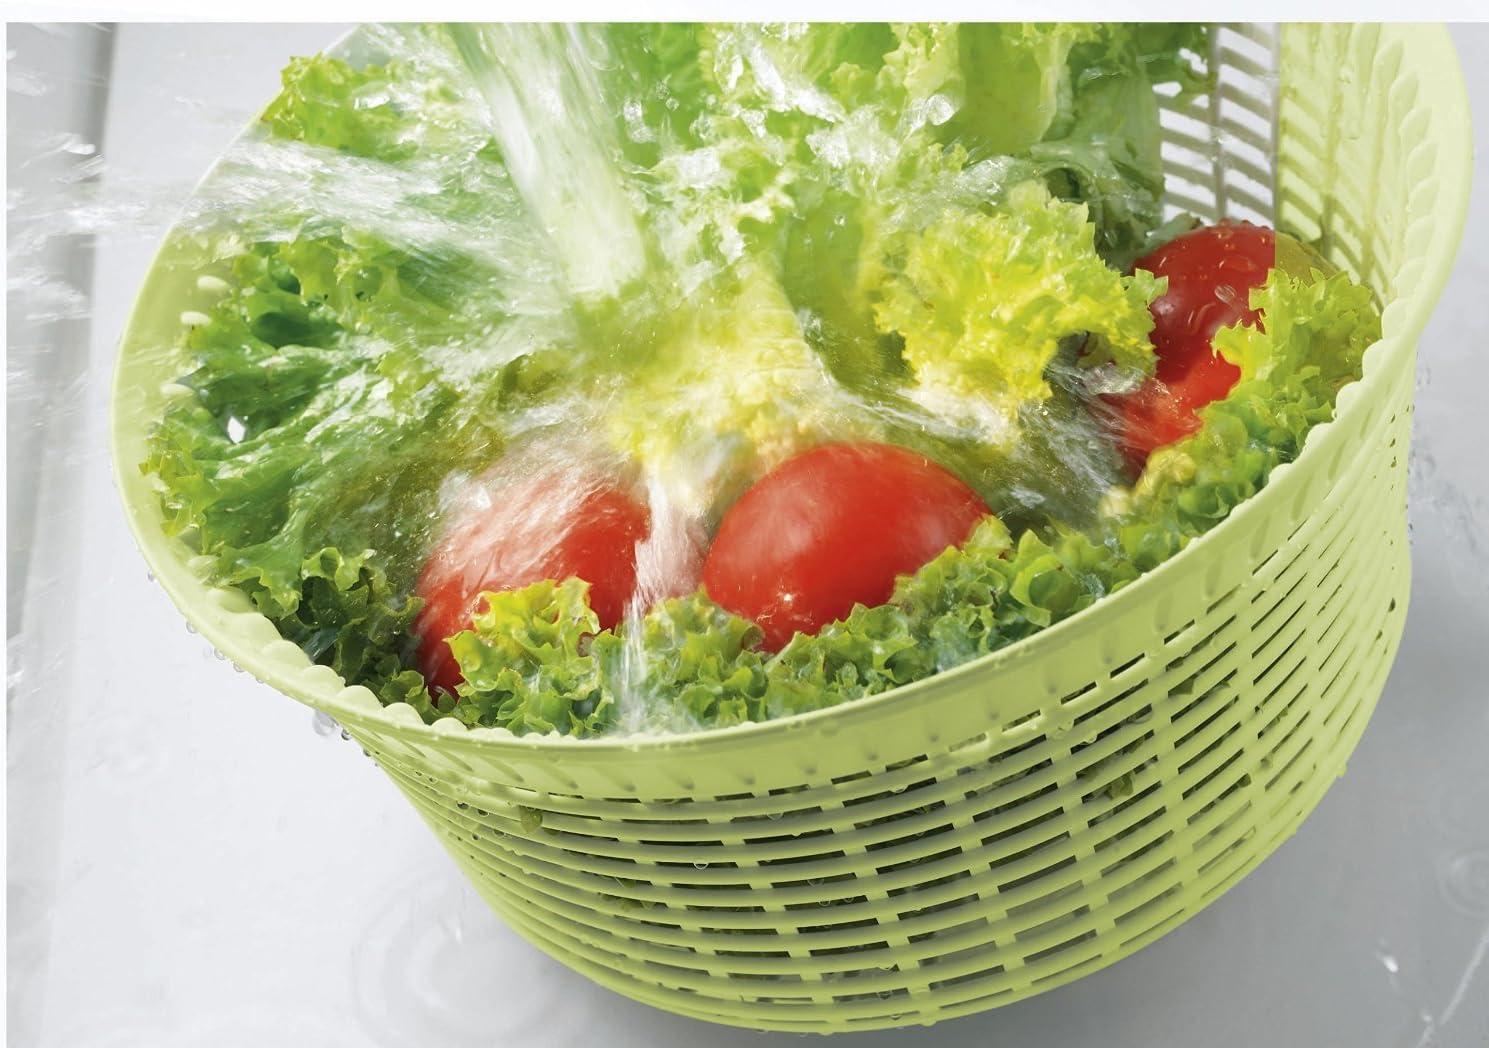 avec manivelle et bec verseur, diam/ètre 24 cm, s/échoir /à salade avec tamis, utilisable aussi comme cl/é pour laitue et passoire Xavax Essoreuse /à salade Transparent//Vert